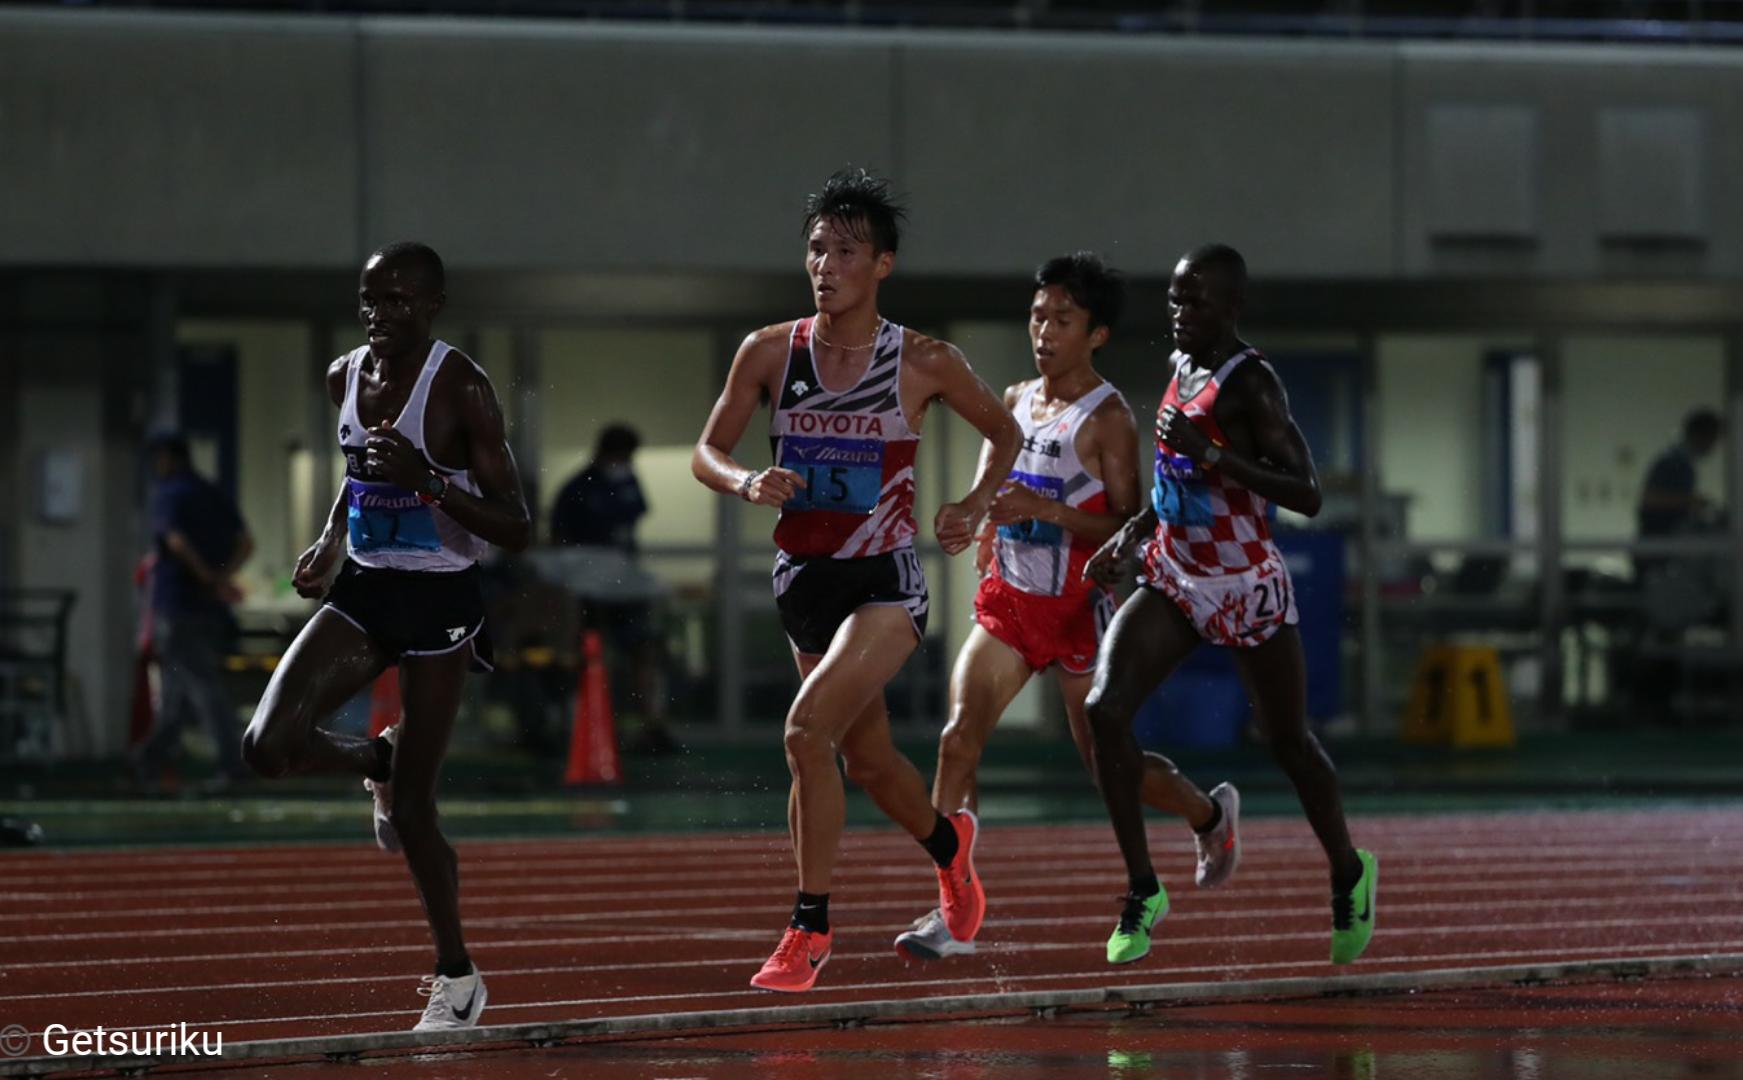 【長距離】10000m服部勇馬が27分47秒55で日本人トップ/全日本実業団